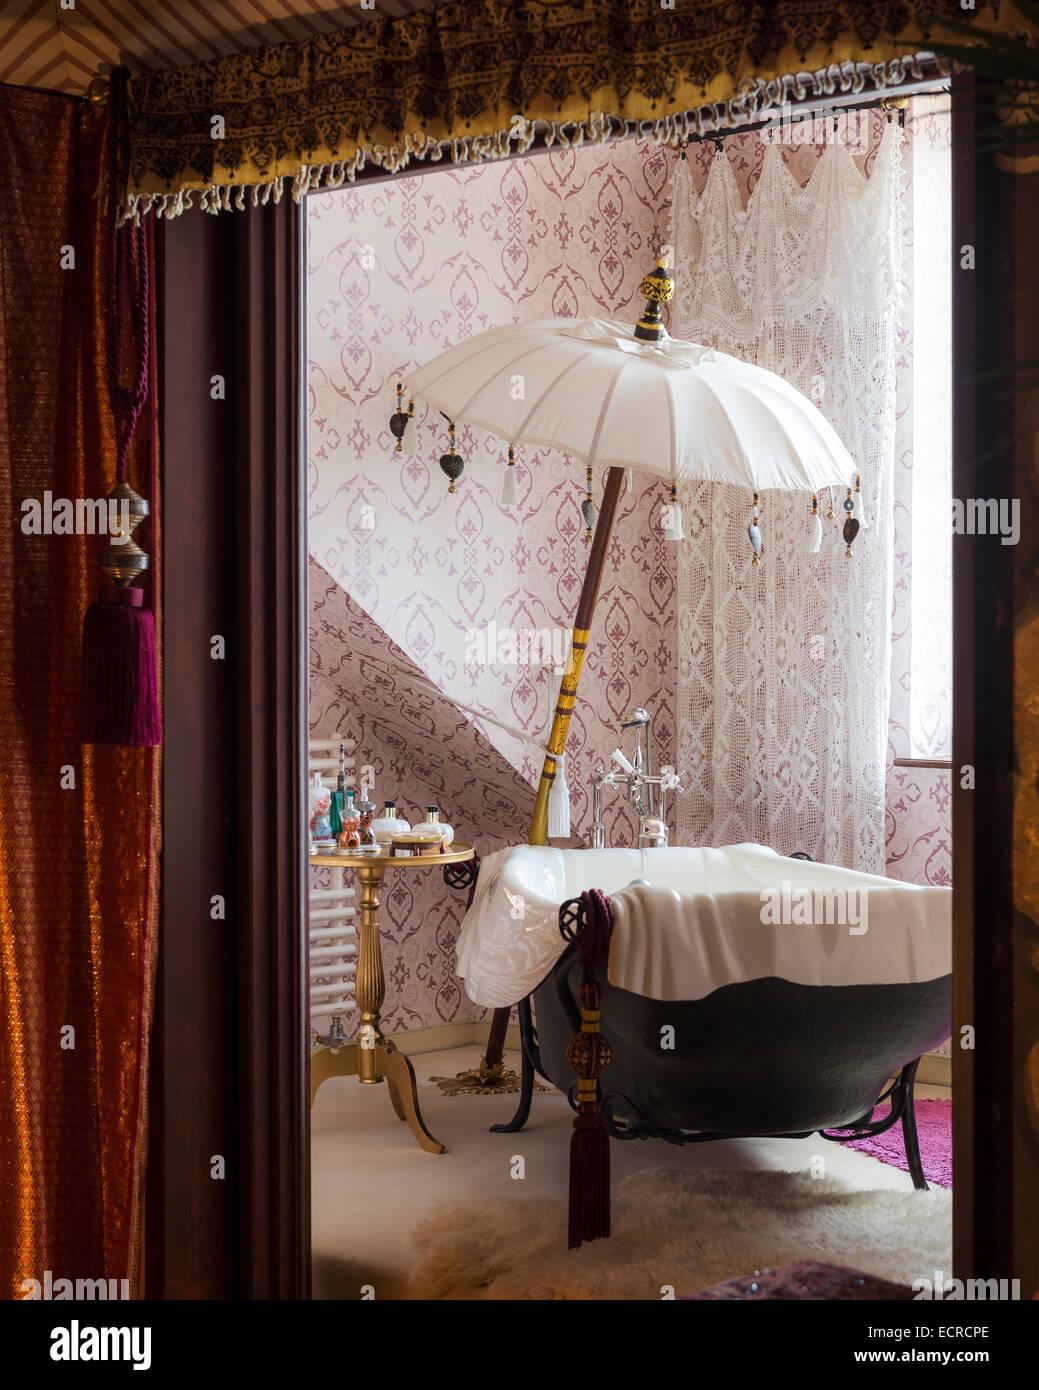 Freistehende Badewanne mit Sonnenschirm im Badezimmer mit Online